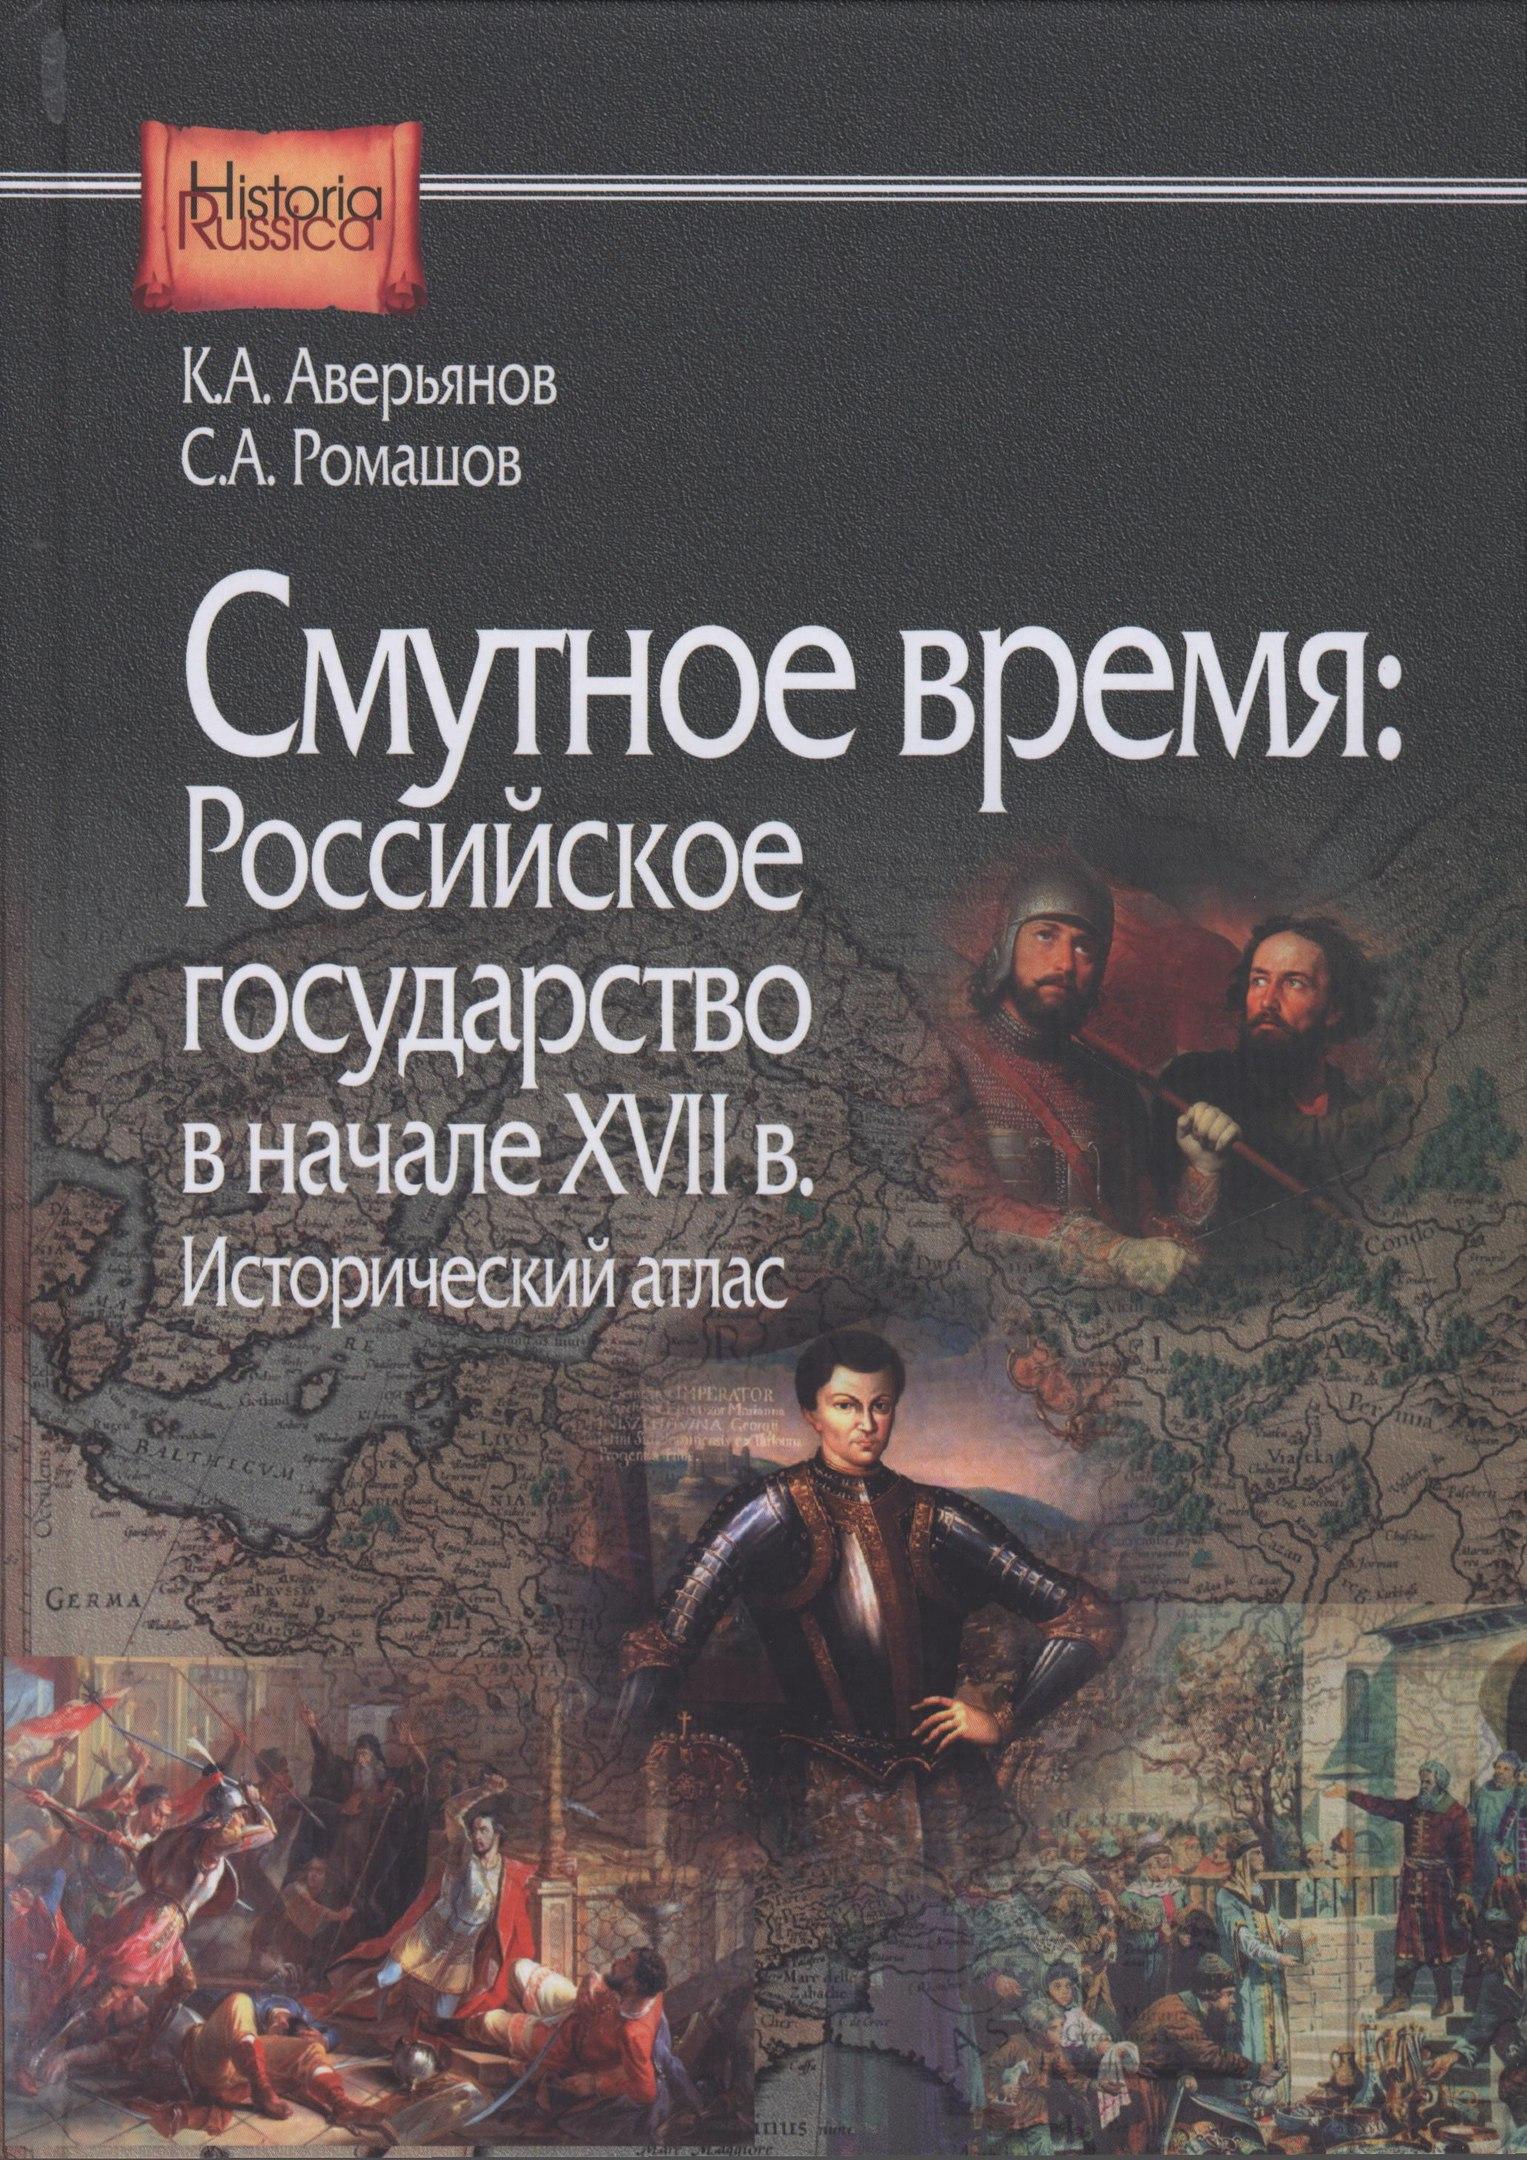 Смутное время: Российское государство в начале XVII в.: исторический атлас